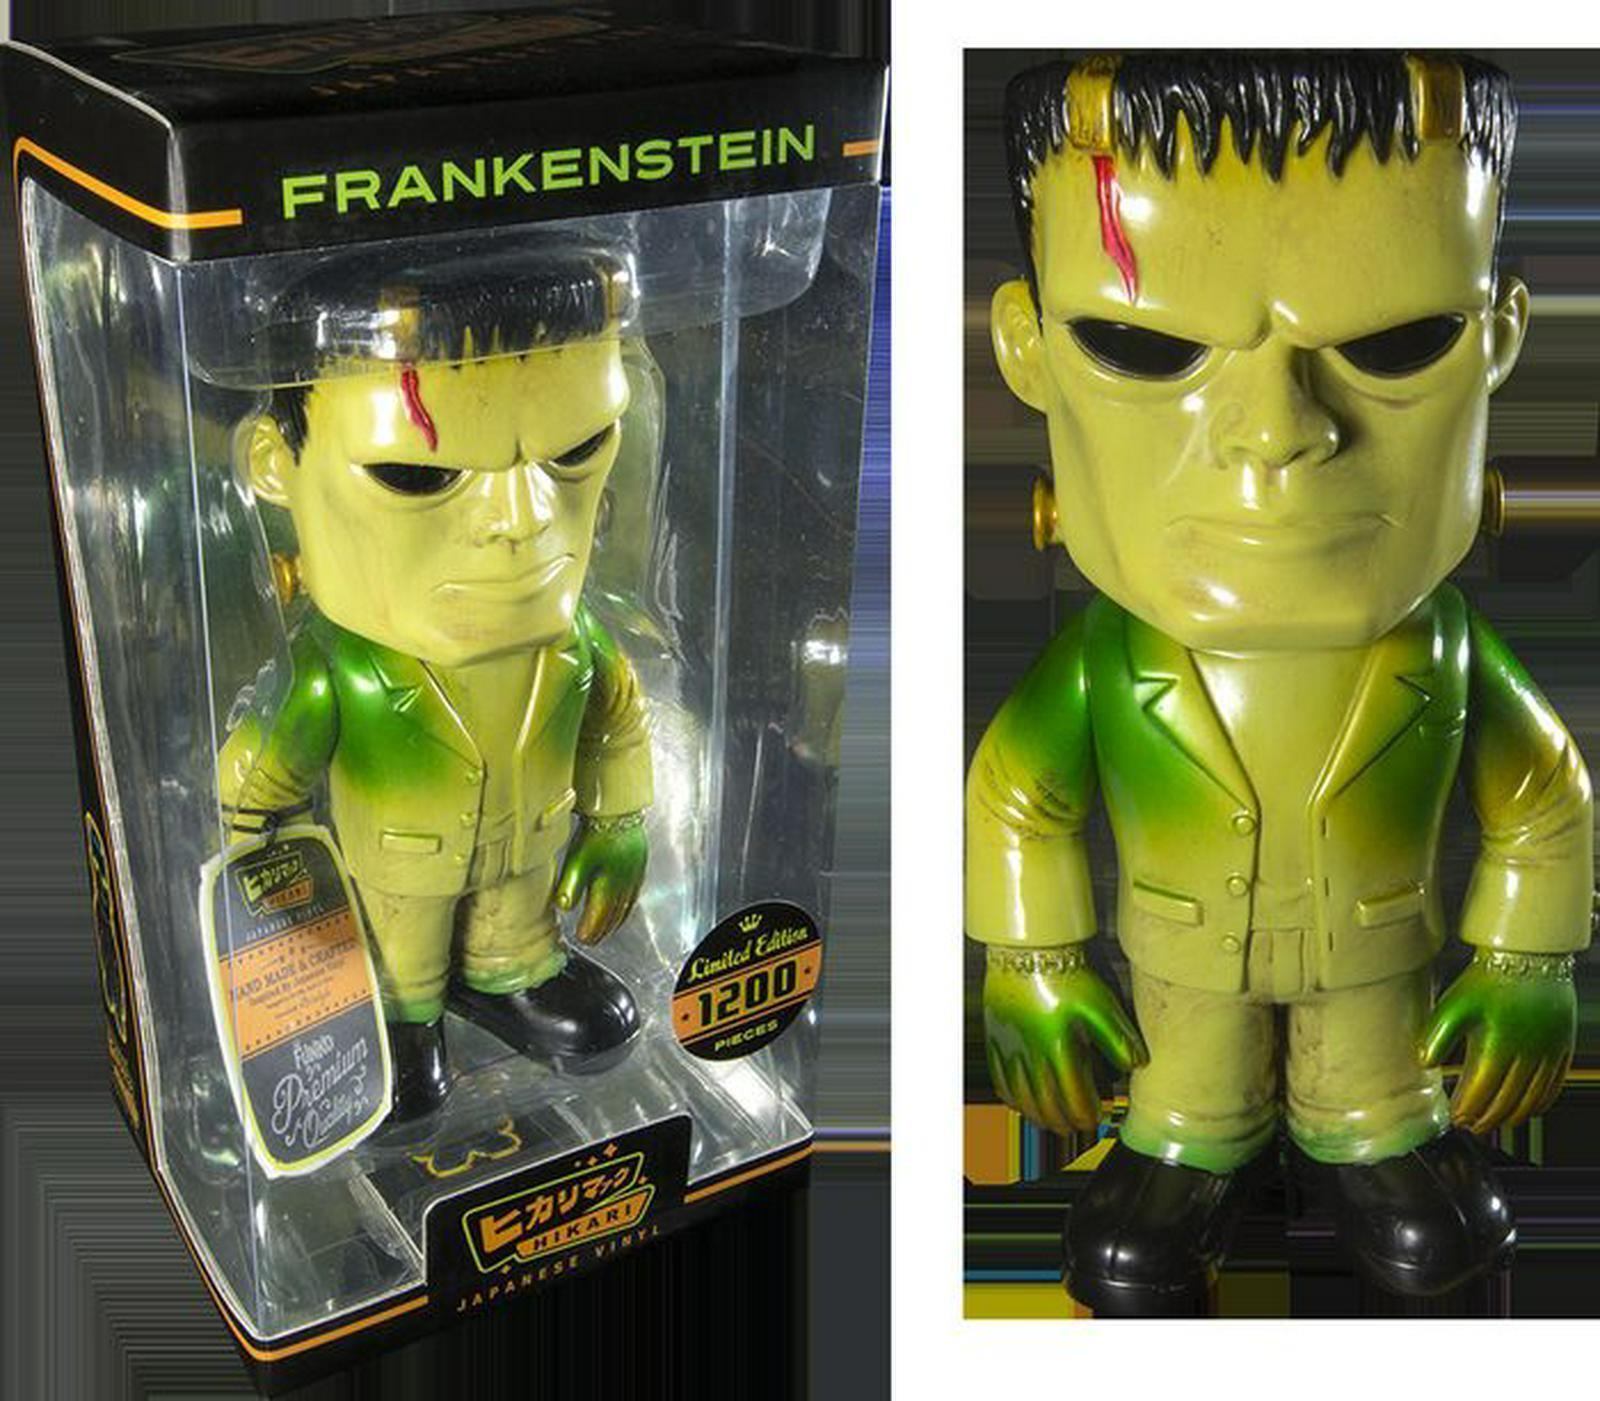 Frankenstein VERDE Hikari Figura Giapponese VINILE LIMITED EDITION 1200 solo